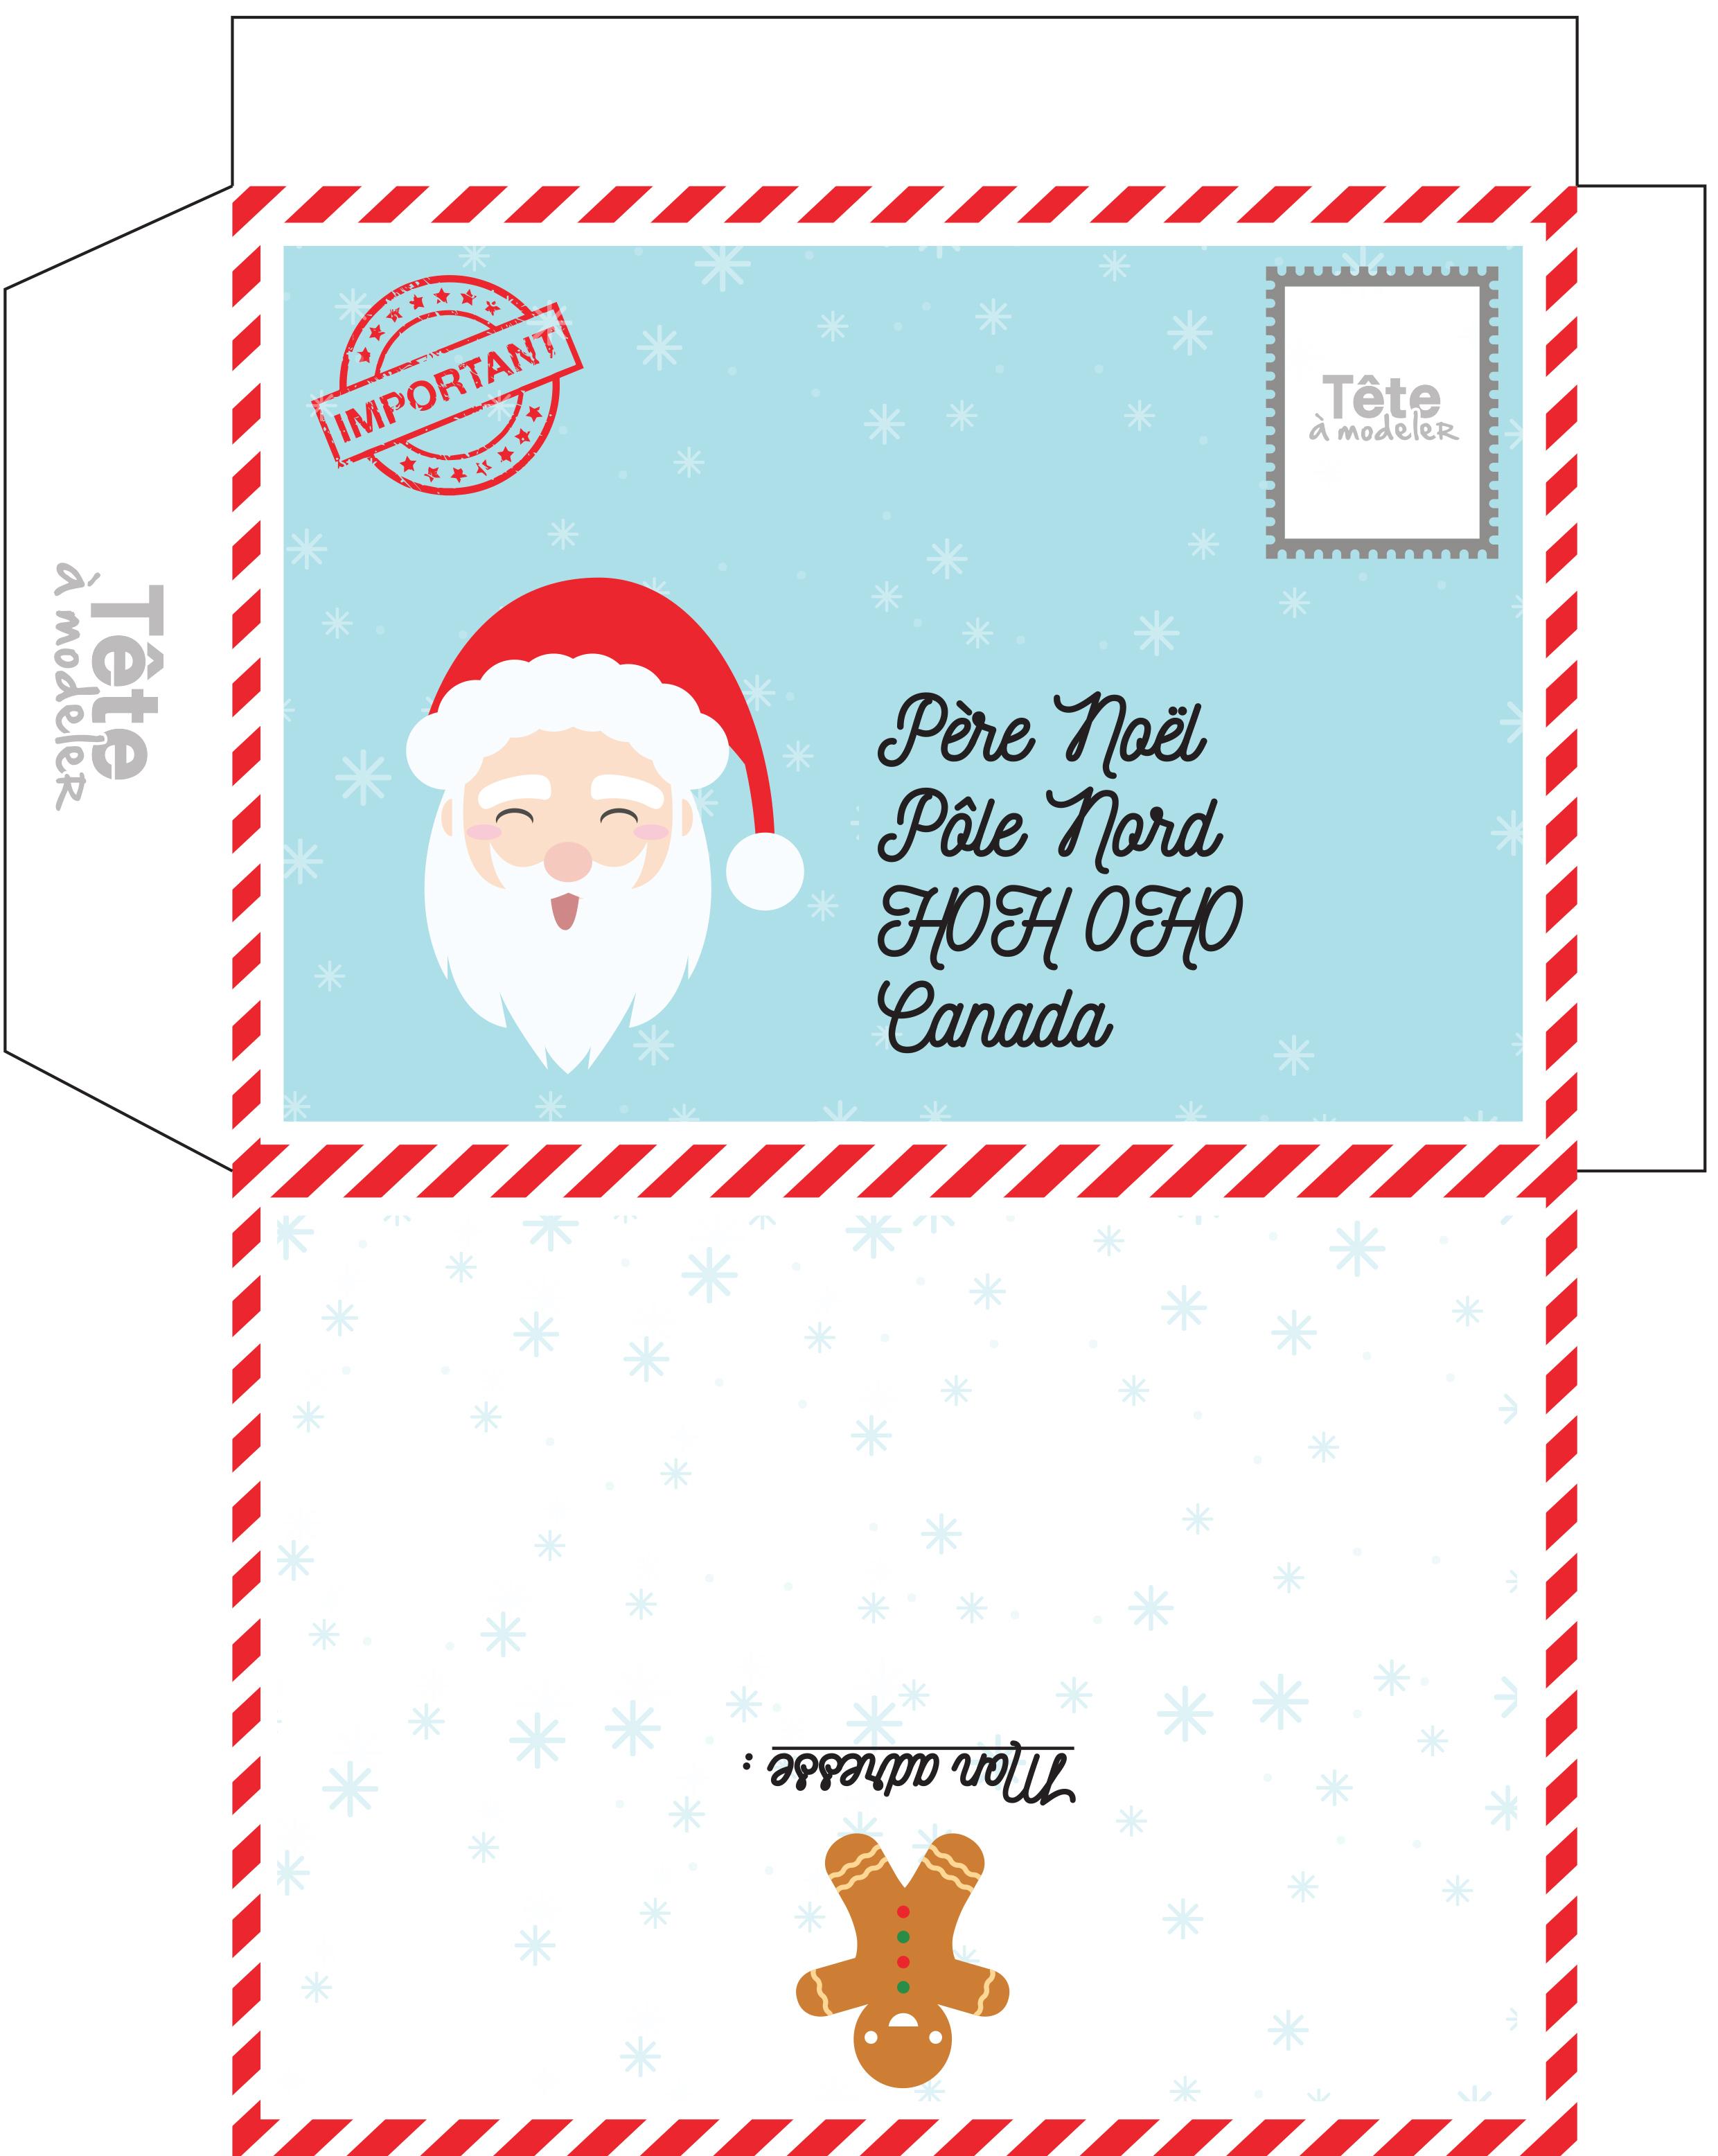 Enveloppe De Noël À Imprimer Pour Le Canada tout Reponse Lettre Du Pere Noel A Imprimer